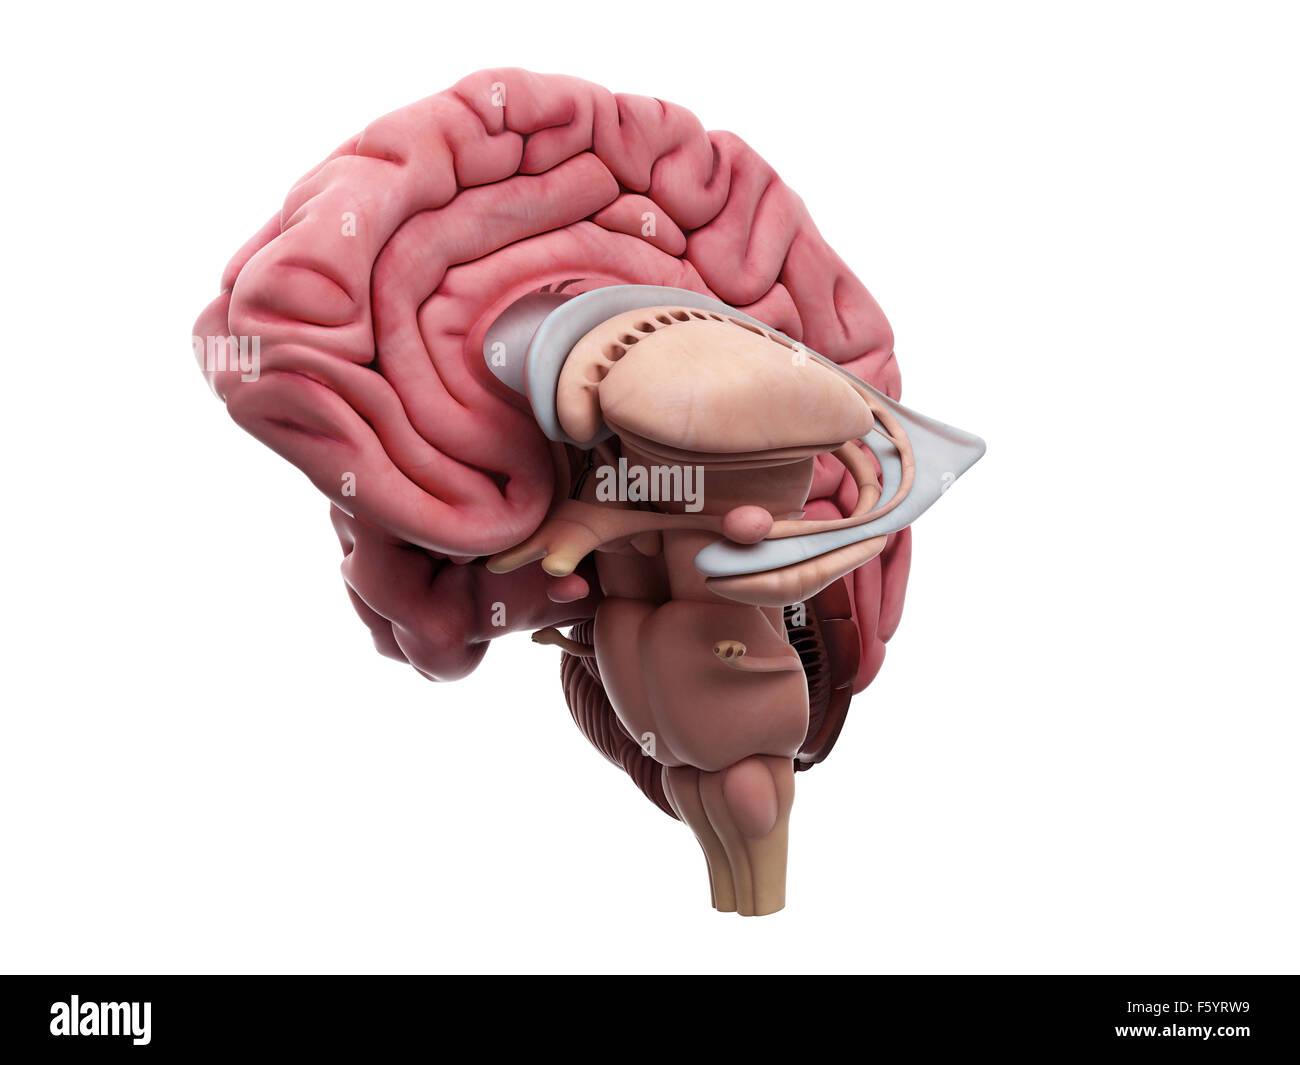 medizinisch genaue Darstellung der Anatomie des Gehirns Stockfoto ...